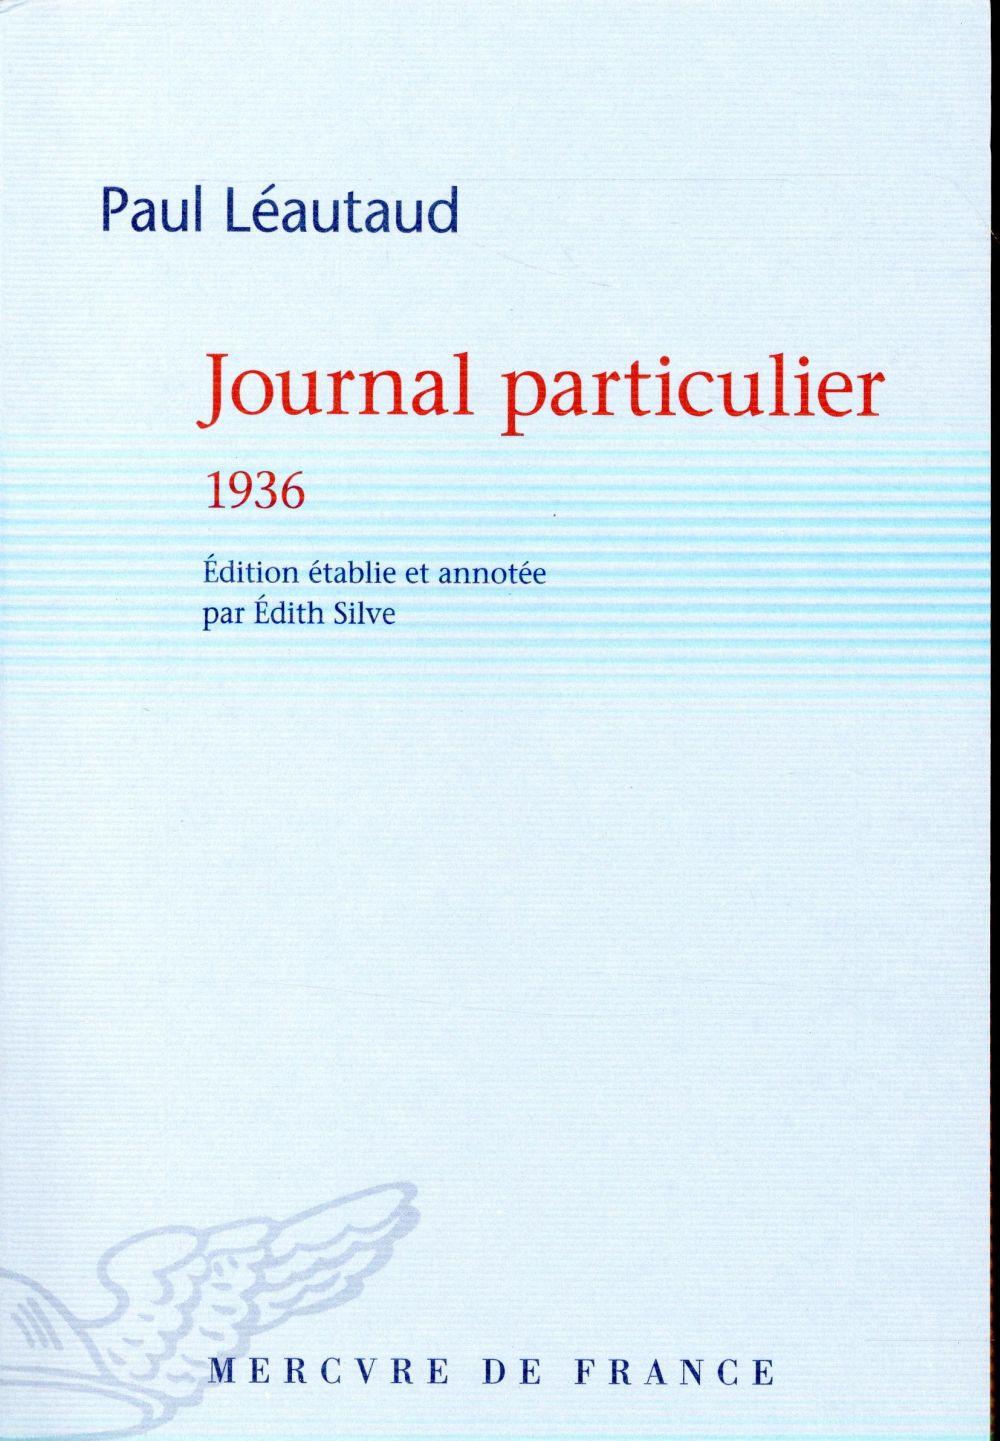 Journal particulier 1936